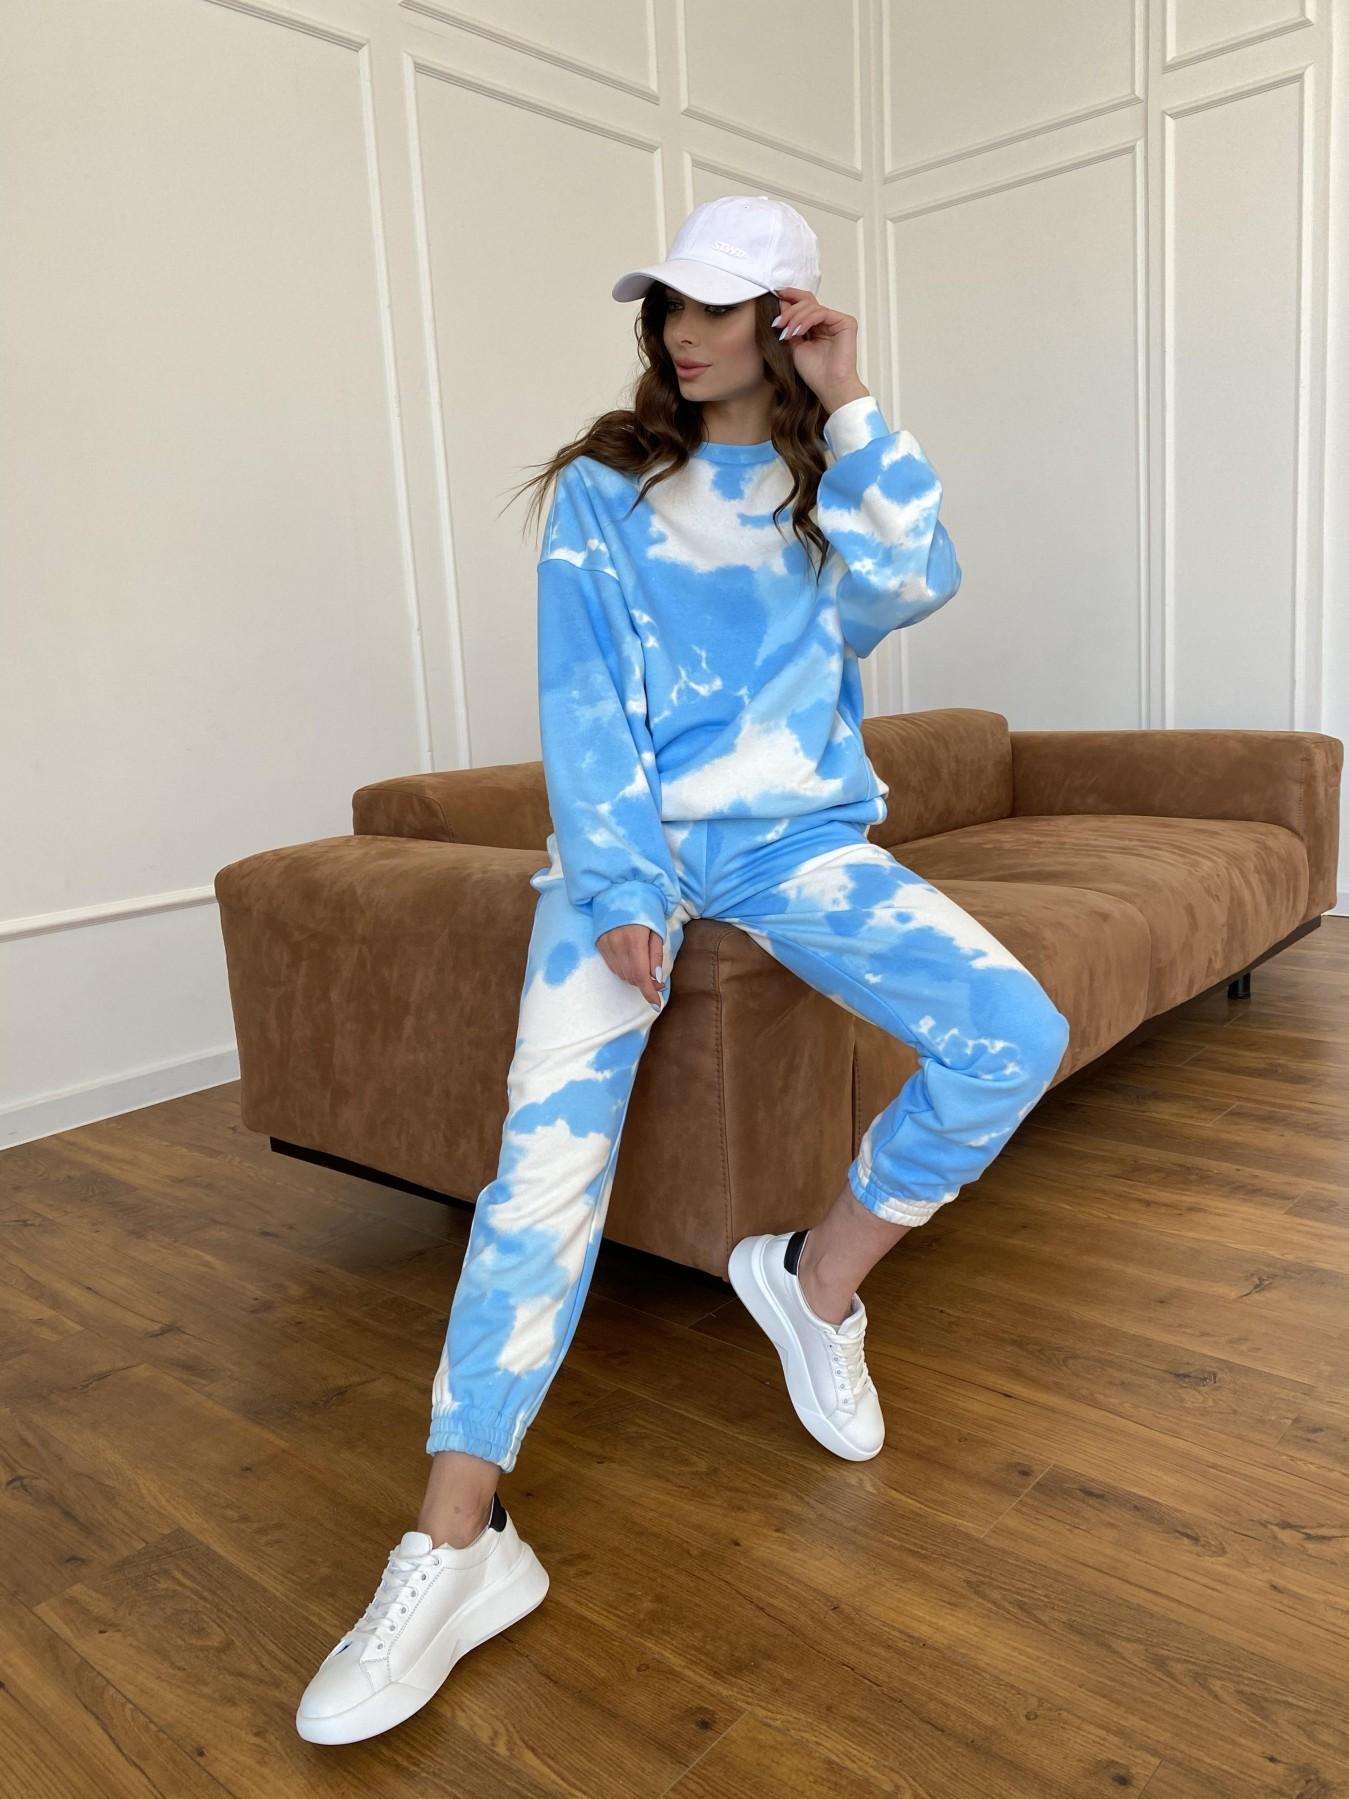 Скай костюм c принтом из 3х нитки 11248 АРТ. 47769 Цвет: Молоко/голубойТайДай - фото 15, интернет магазин tm-modus.ru